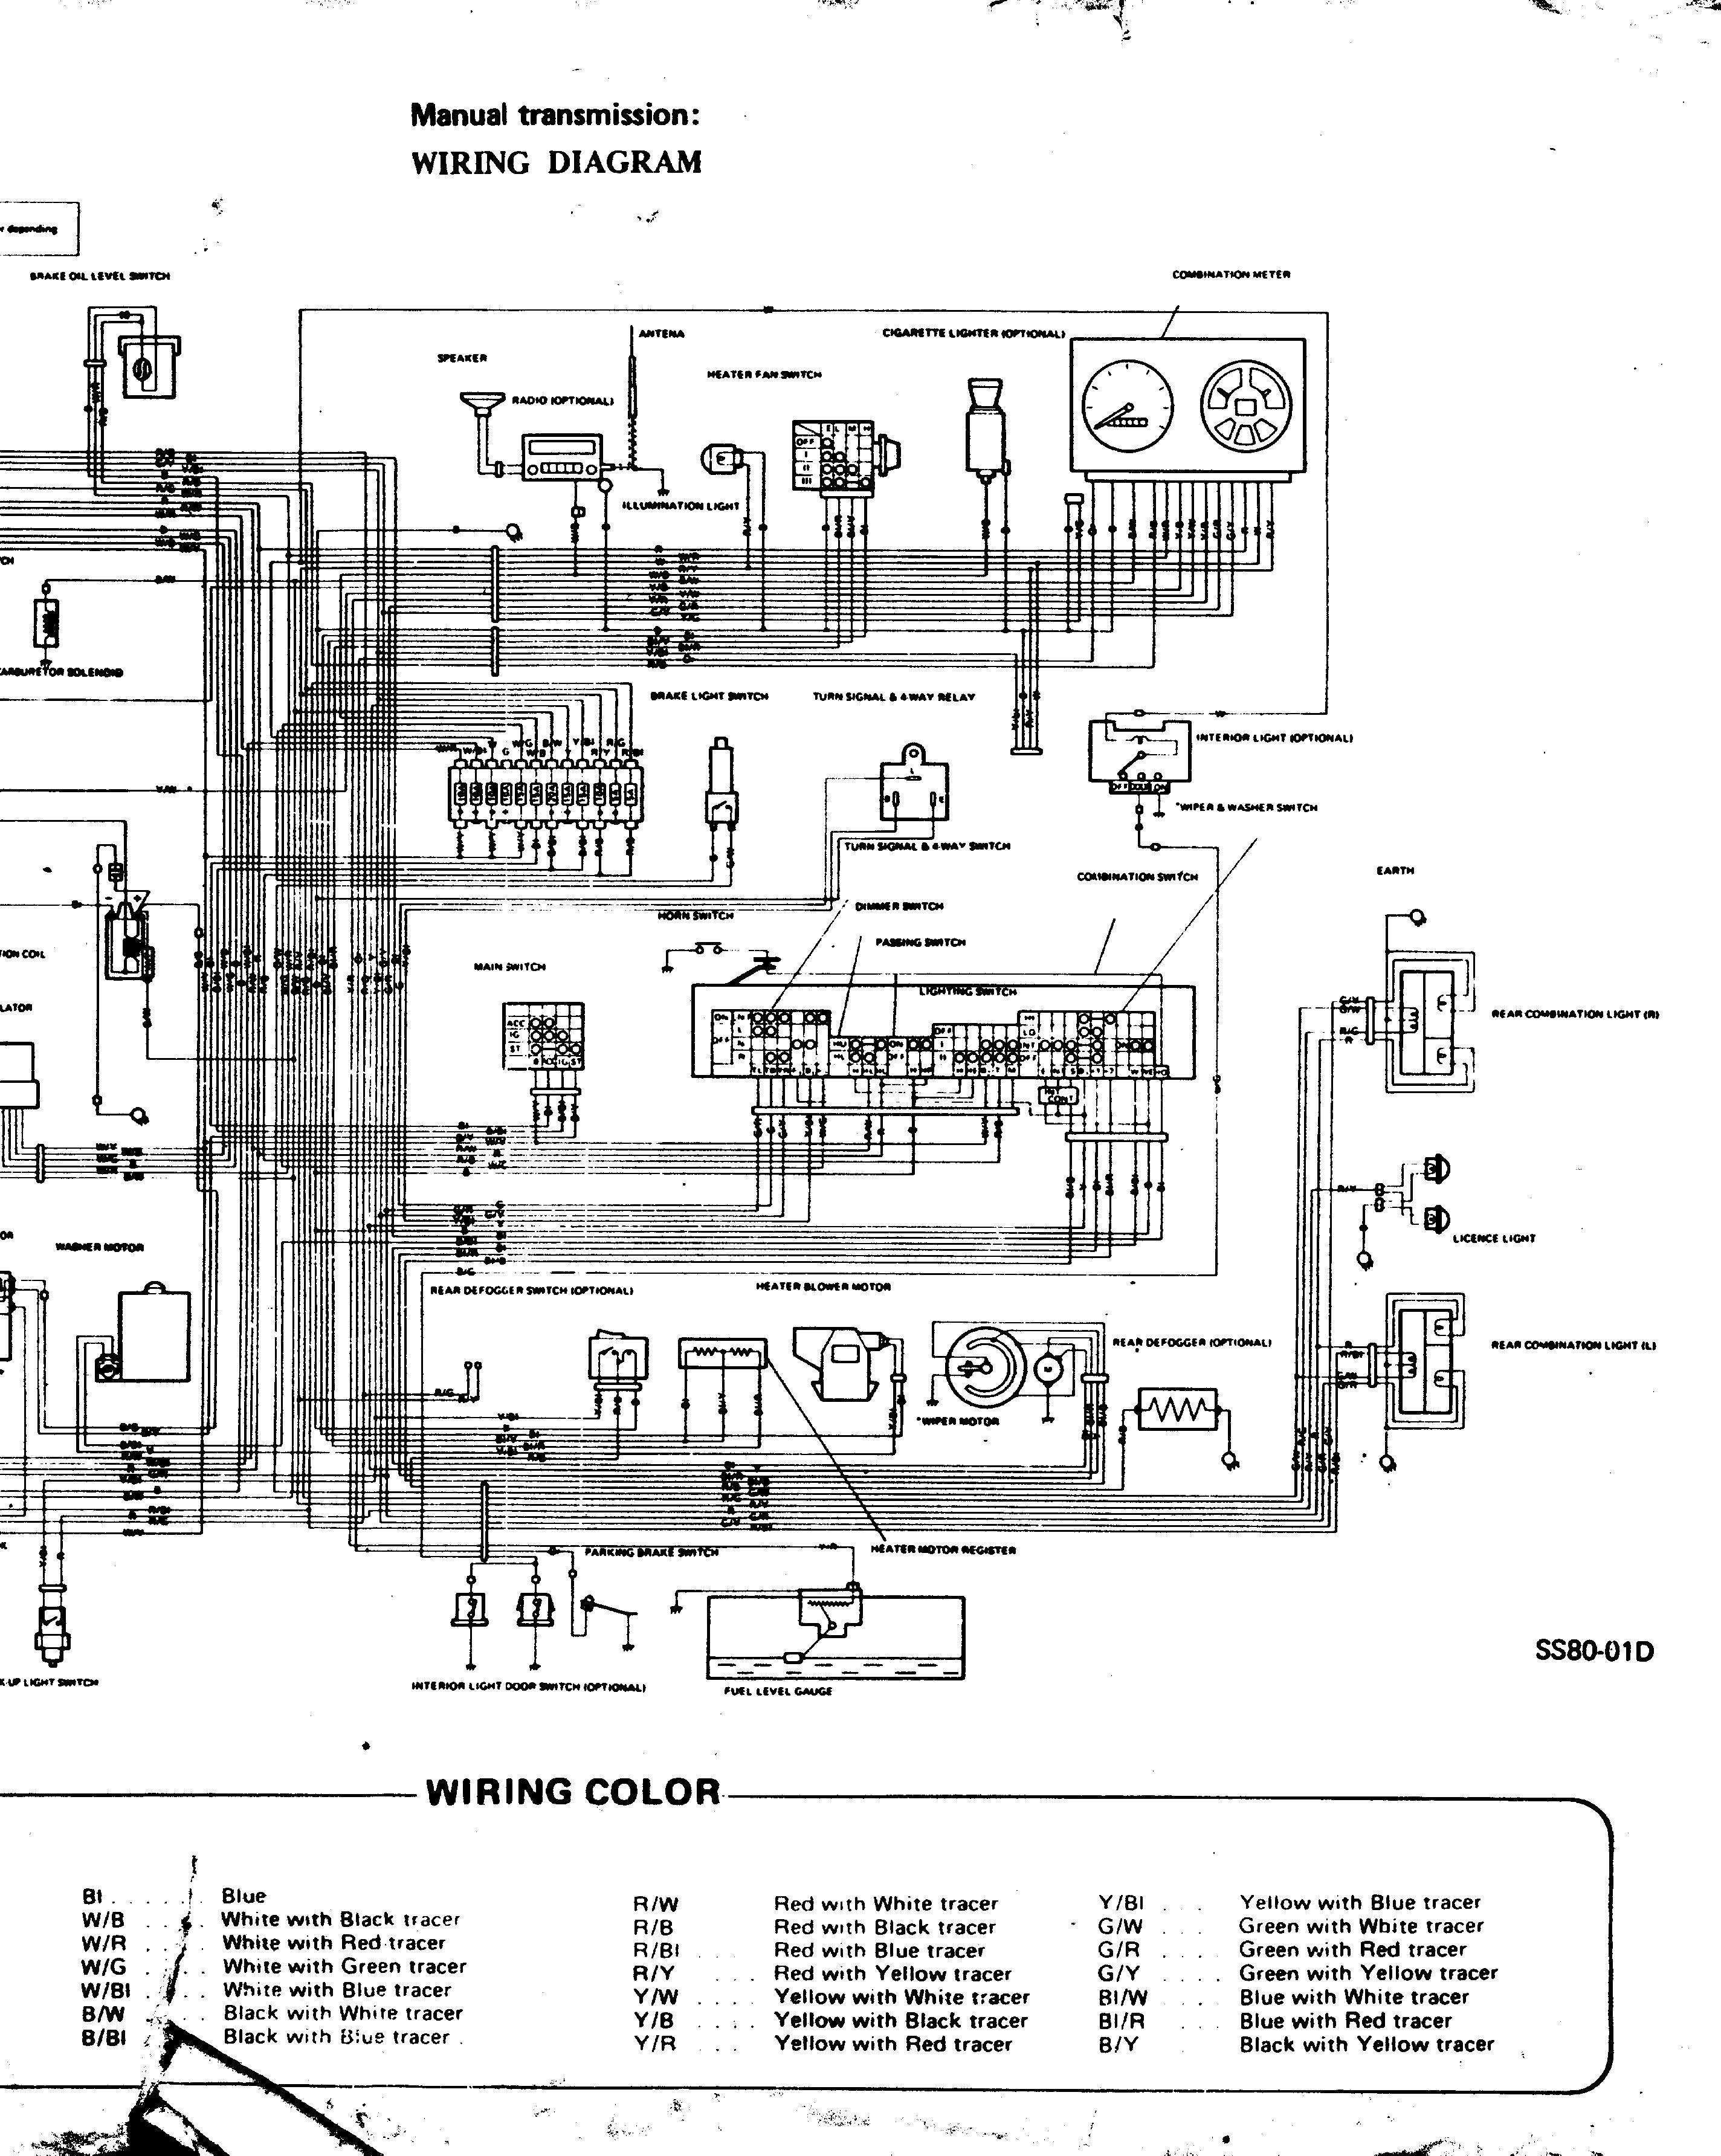 suzuki wiring diagram pdf wiring diagram schematics lexus ls400 ac wiring diagram suzuki vitara ac wiring diagram [ 2848 x 3568 Pixel ]